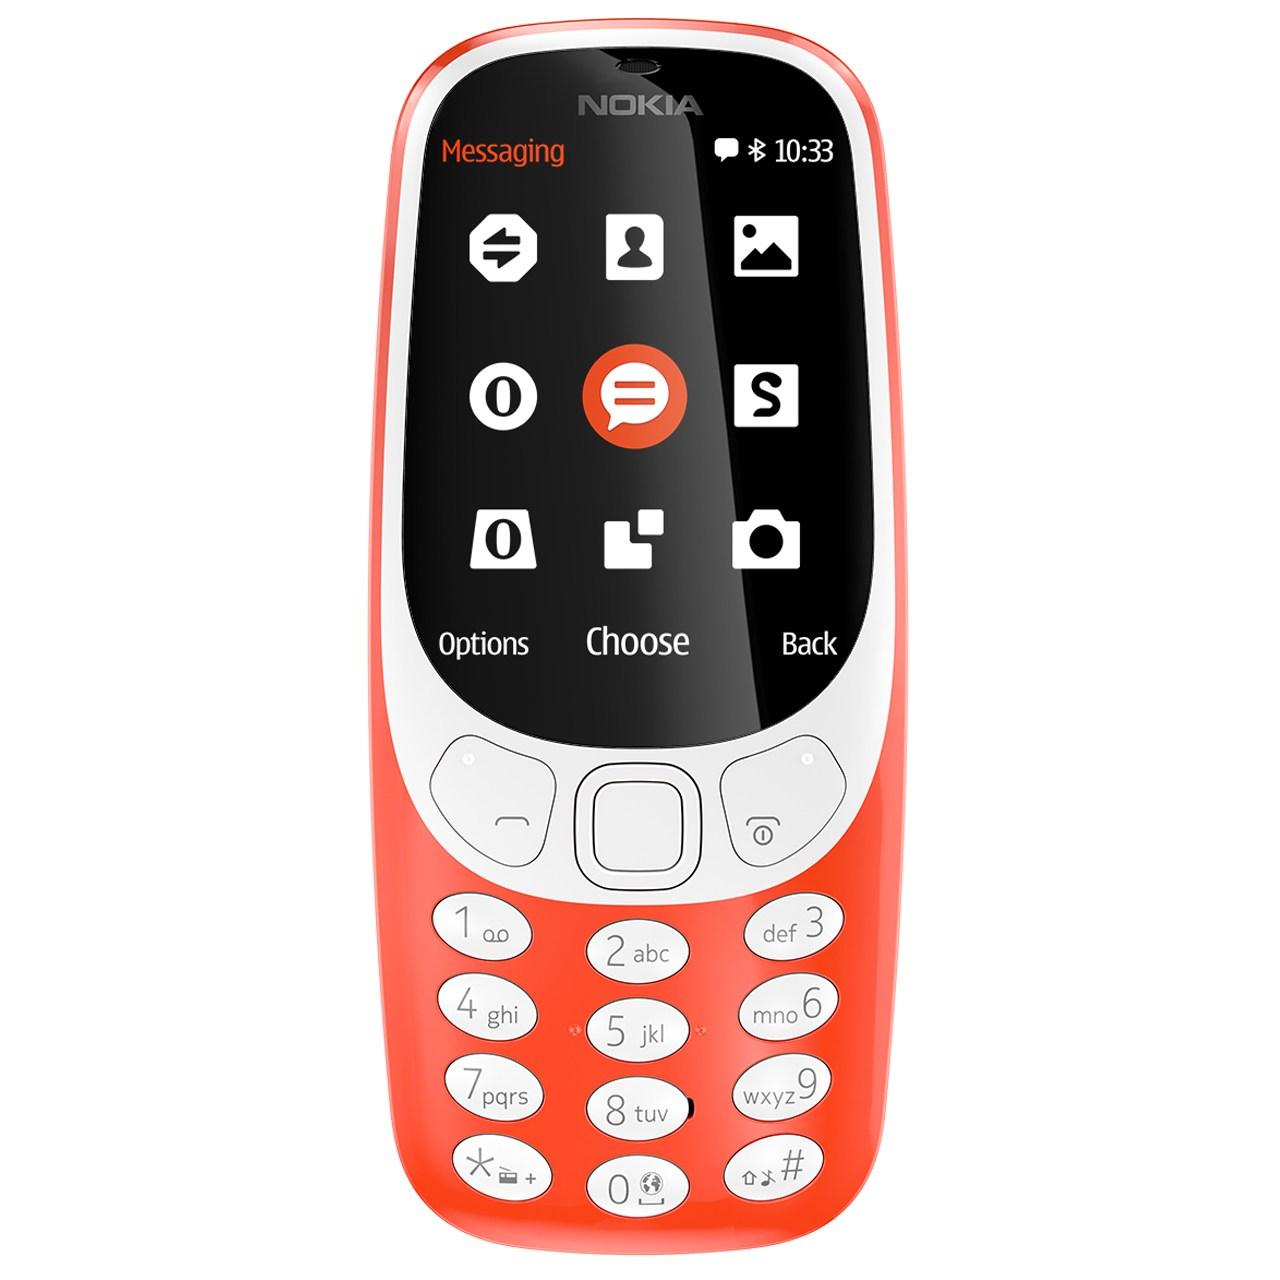 گوشی موبایل نوکیا مدل (2017) 3310 دو سیم کارت - با قیمت ویژه